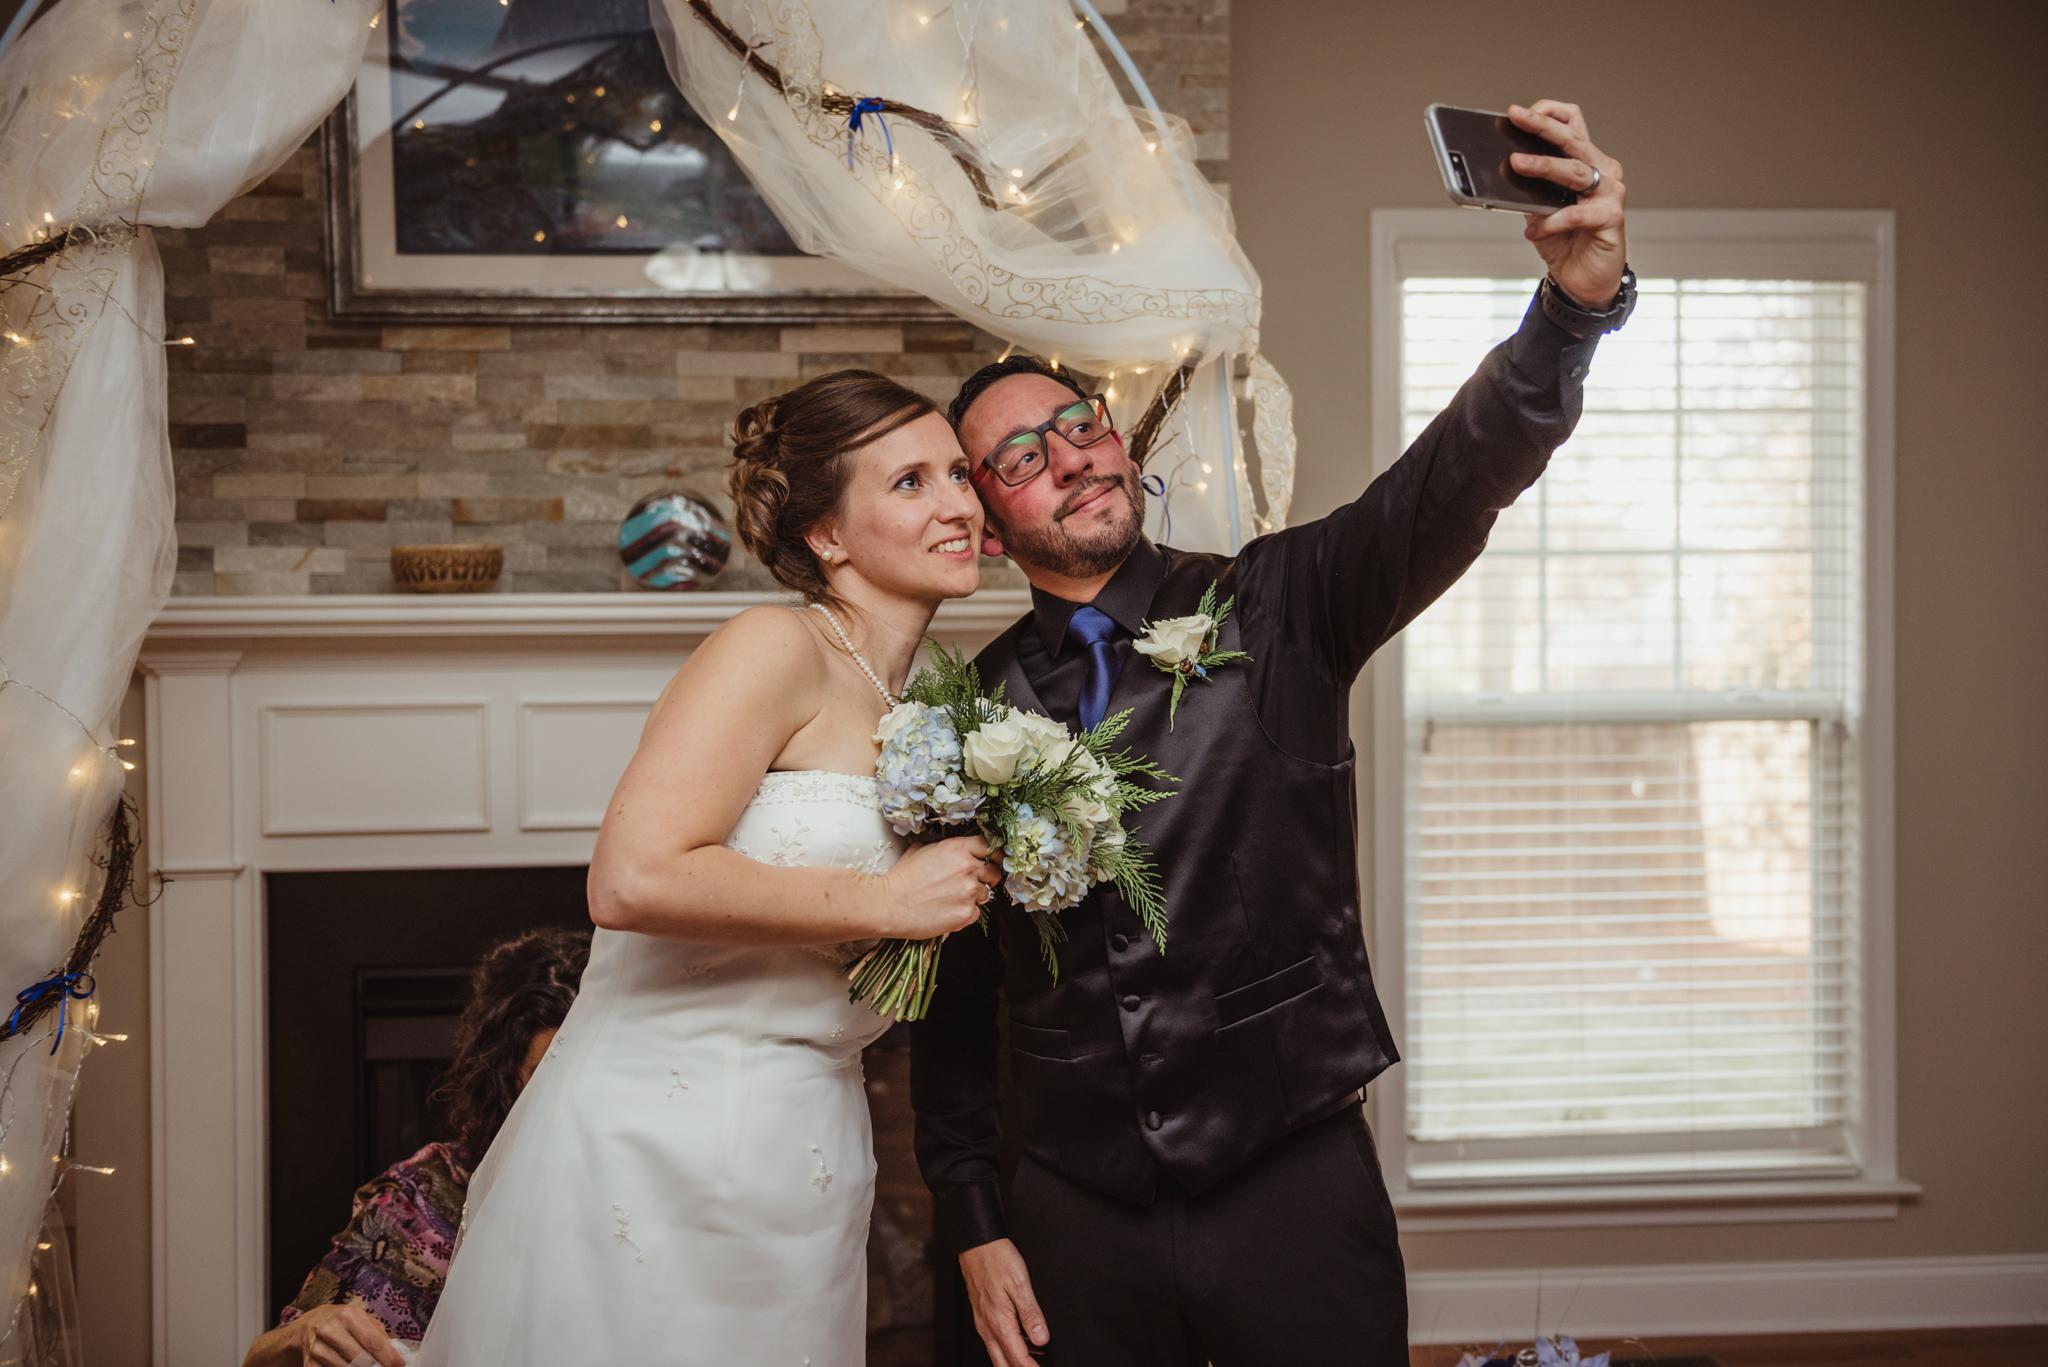 bride-and-groom-selfie-at-their-intimate-home-wedding-in-Raleigh.jpg